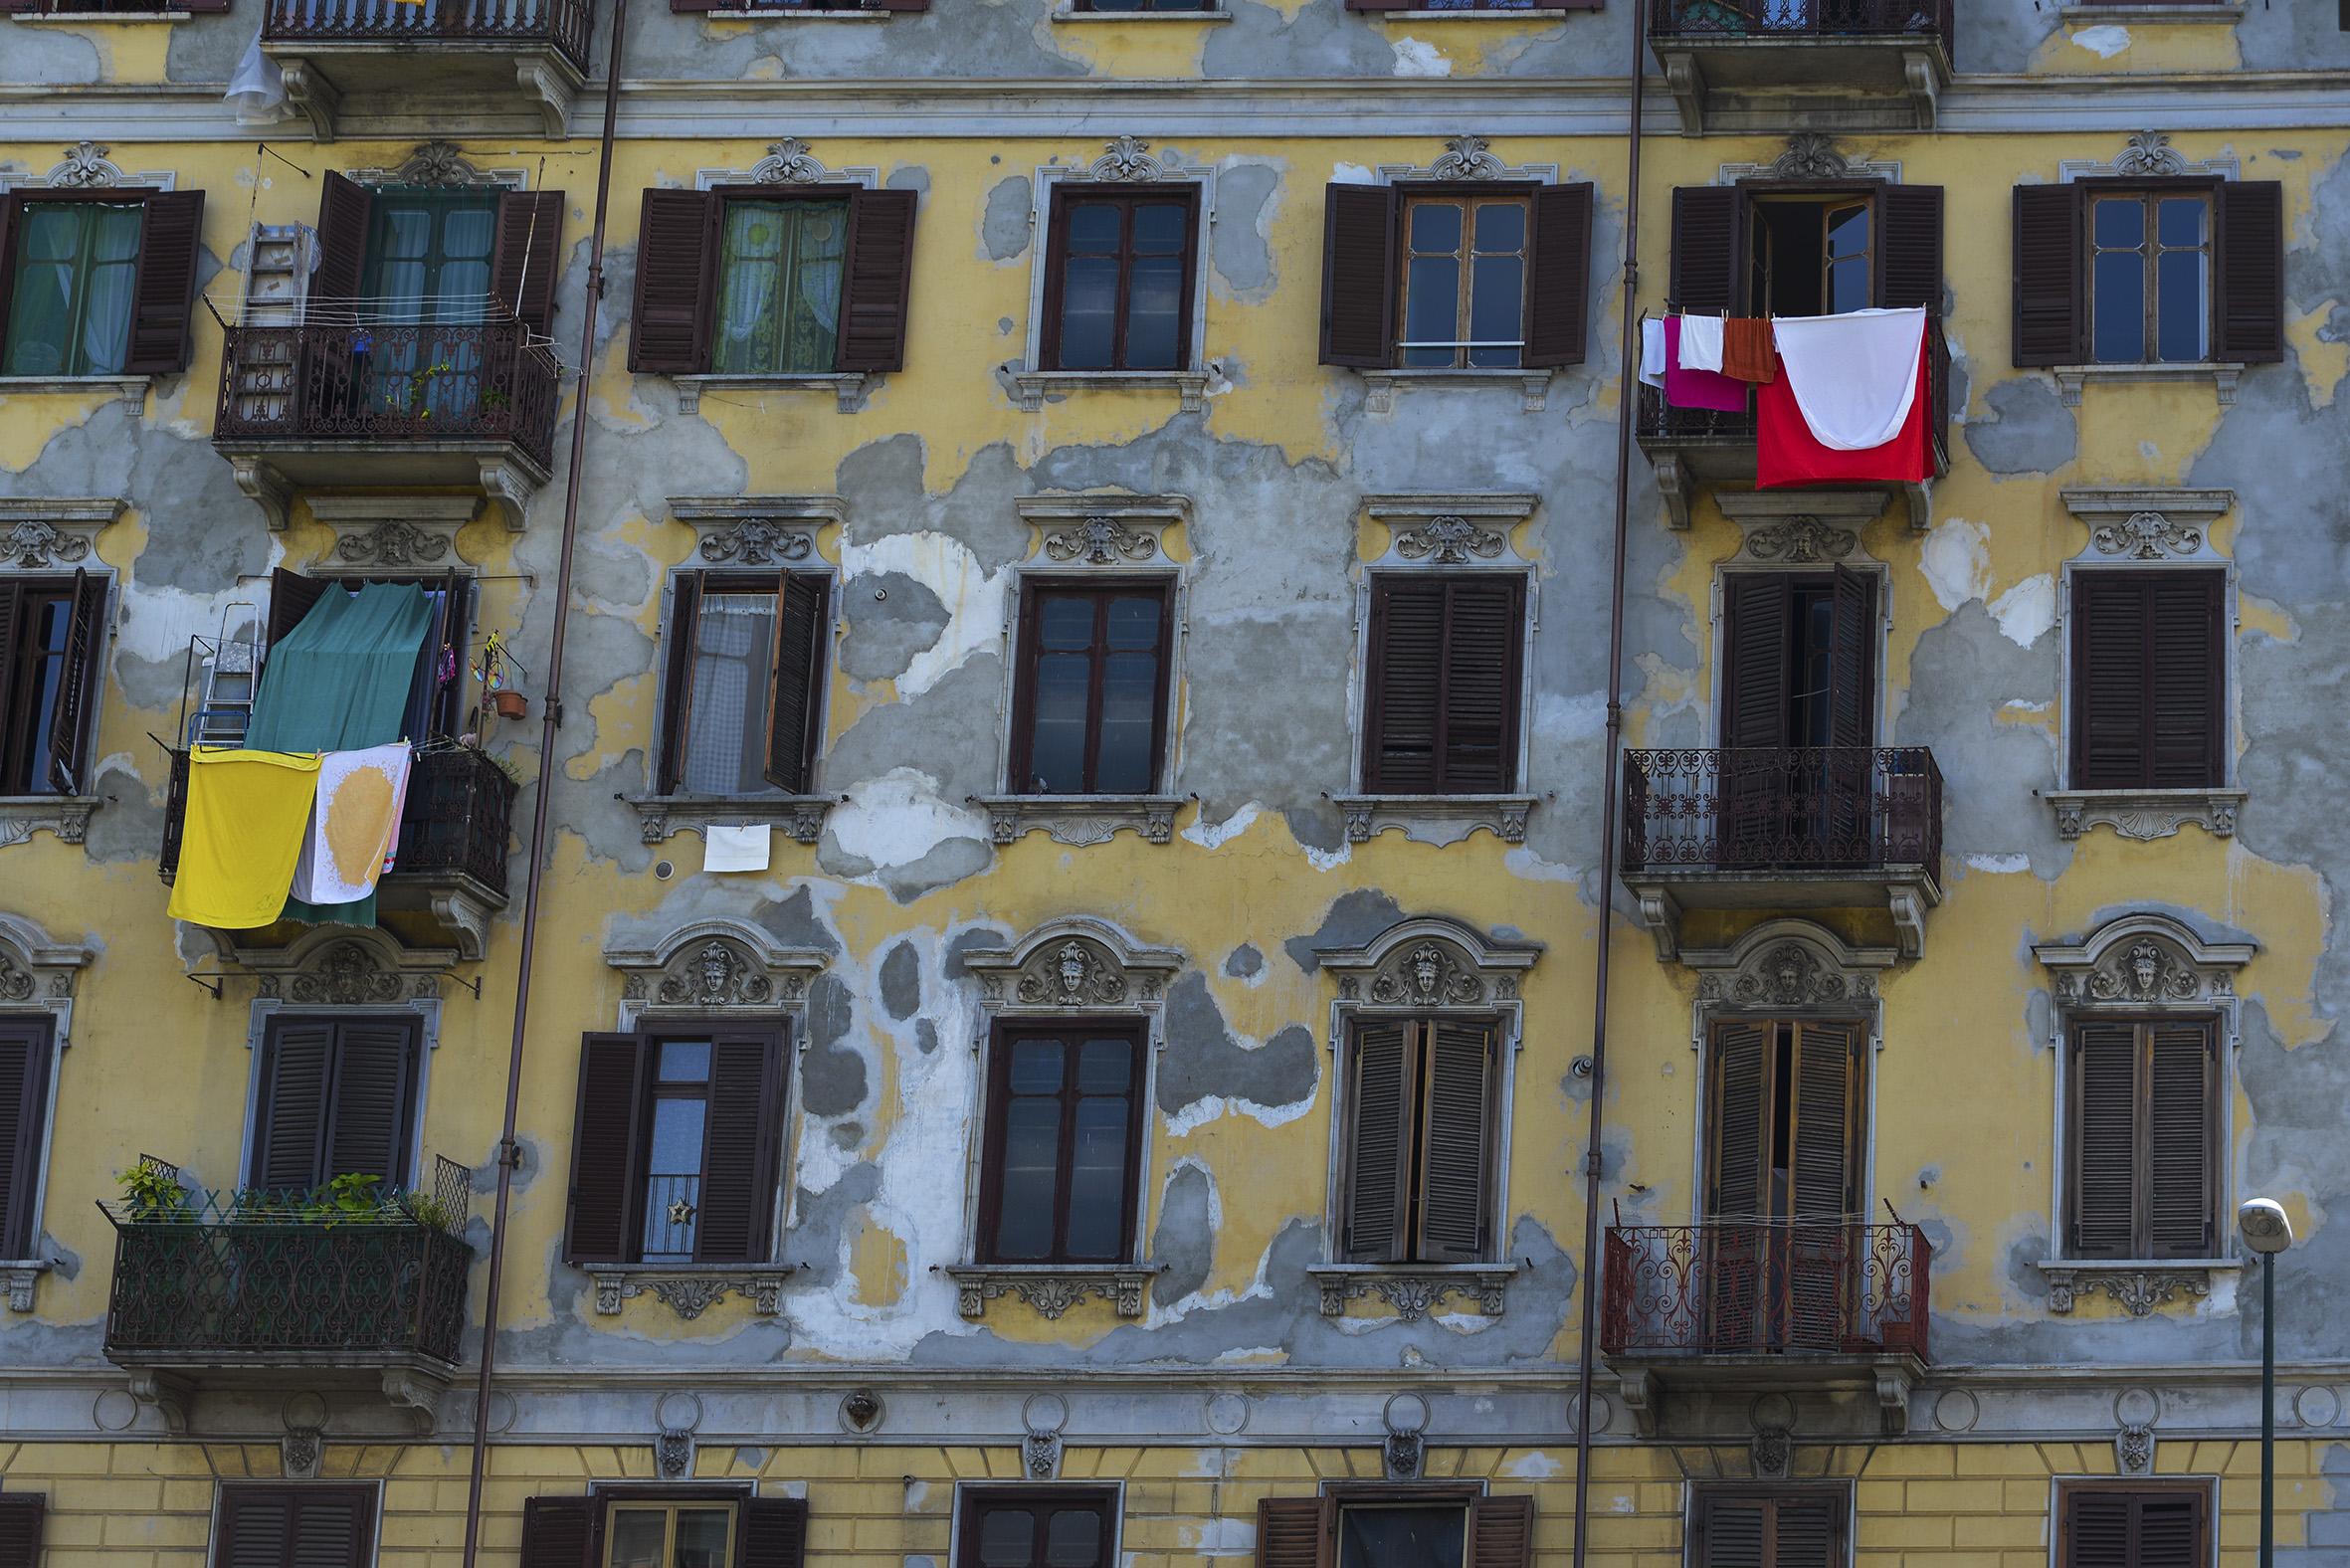 patchwork facade